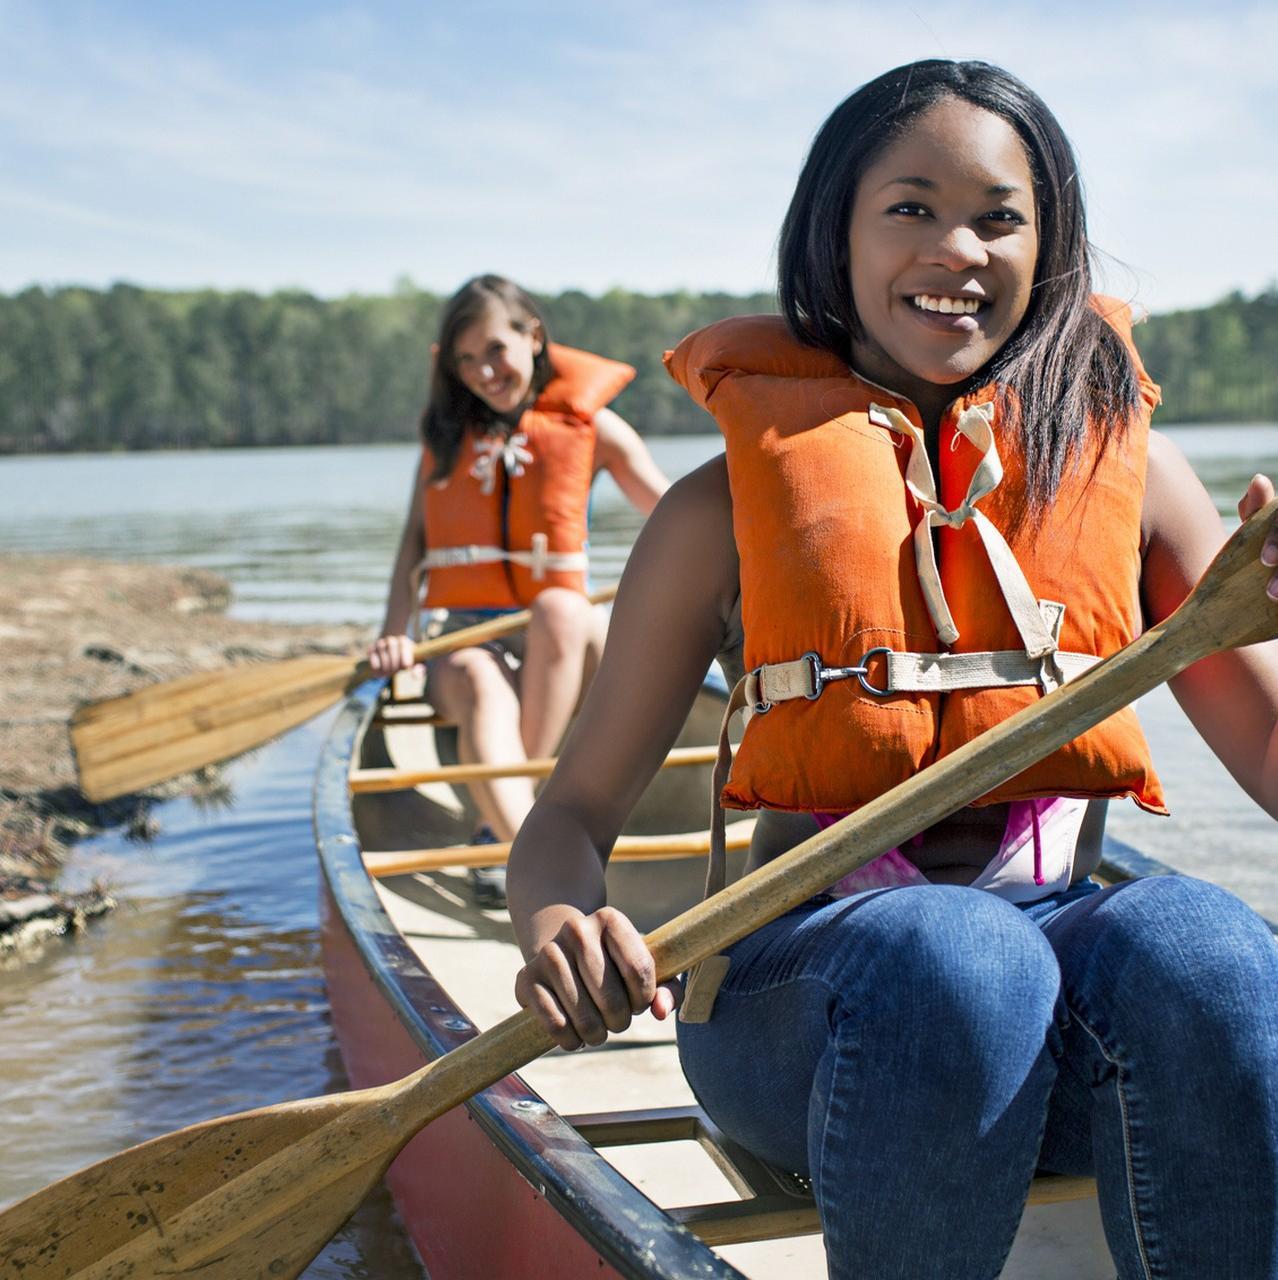 L'aviron et le canoë, pour être en forme en s'amusant